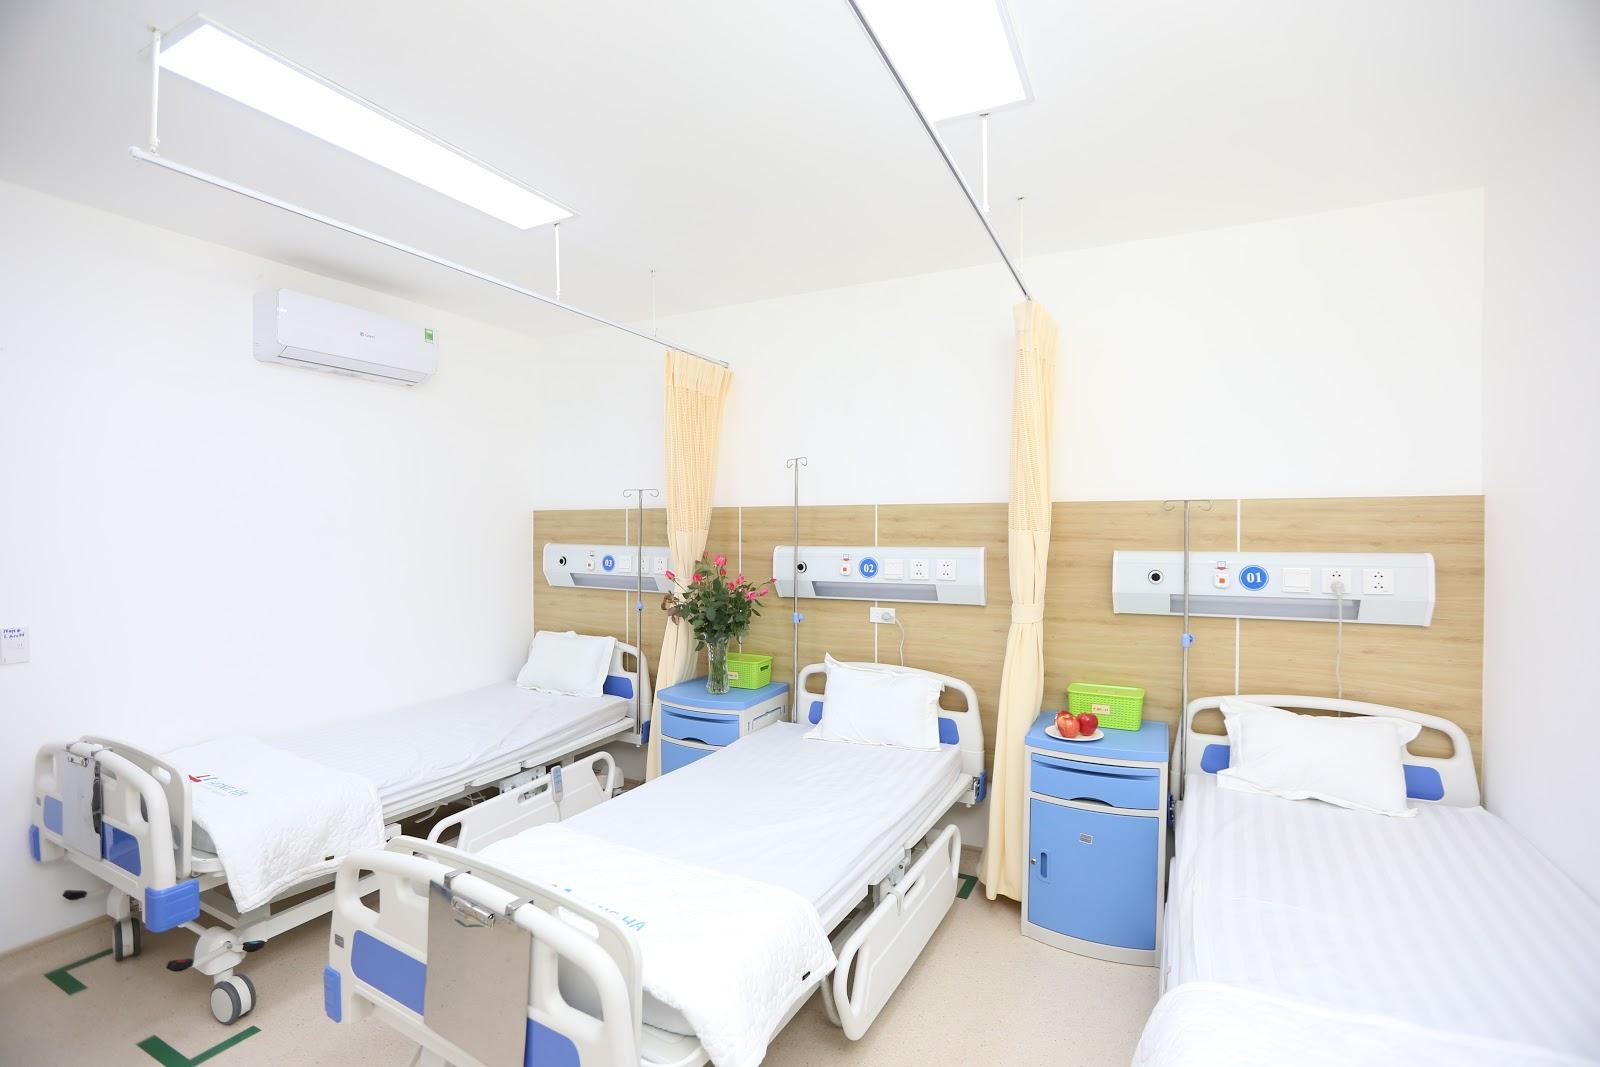 Phòng chăm sóc hậu phẫu tại bệnh viện tạo không gian thoải mái, yên tĩnh cho người bệnh